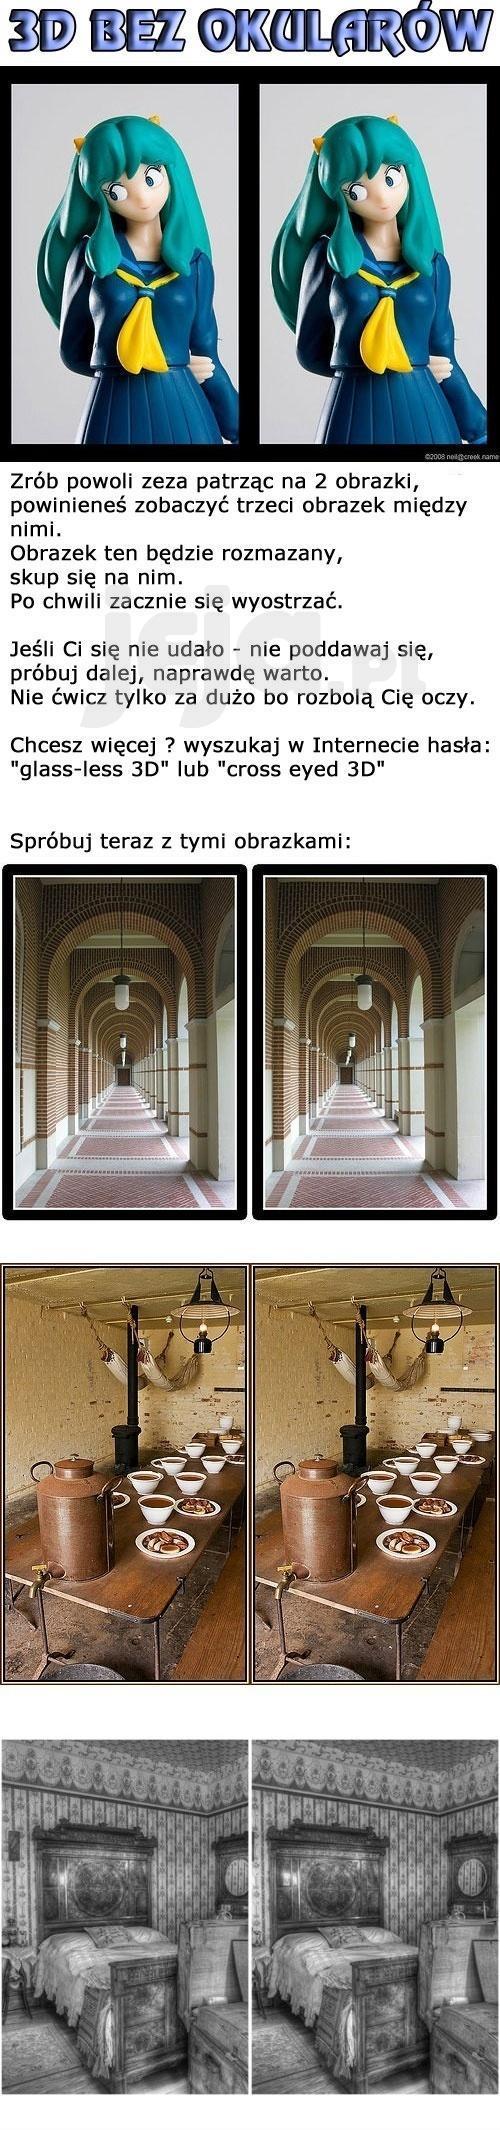 Czy twoje oczy umieją odczytać JPG w 3D?